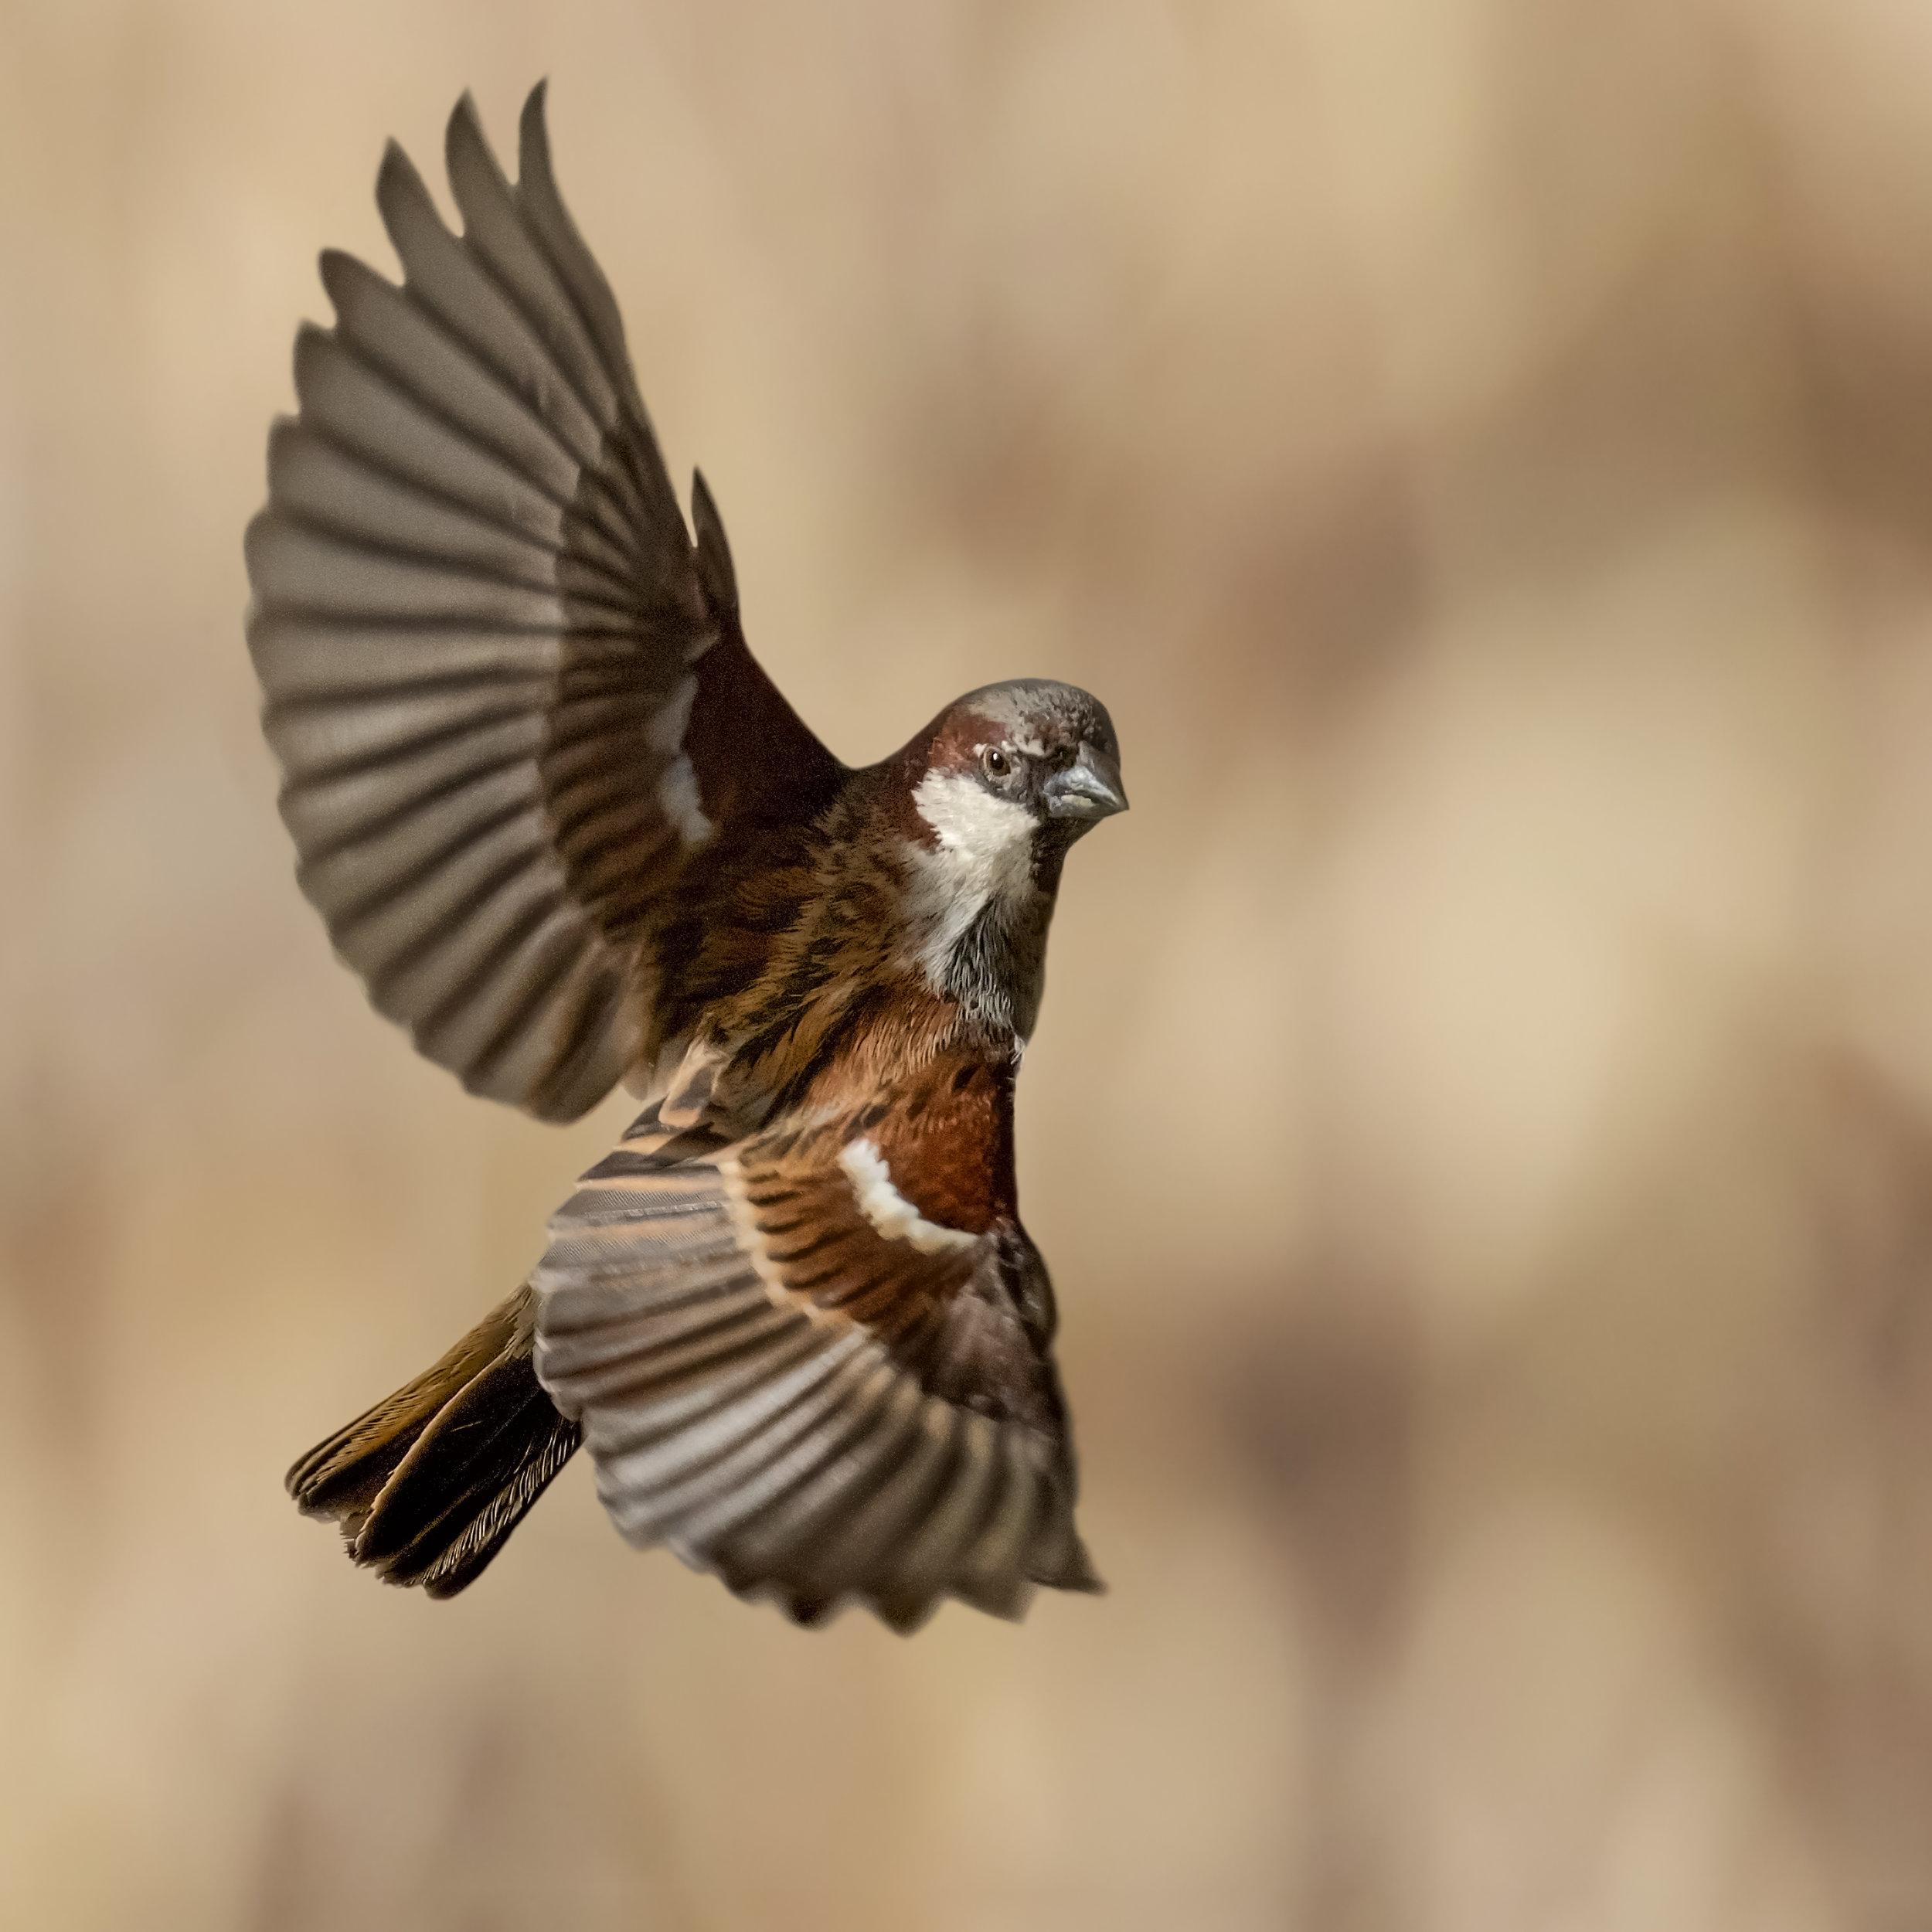 Male Sparrows flight acrobatics #2